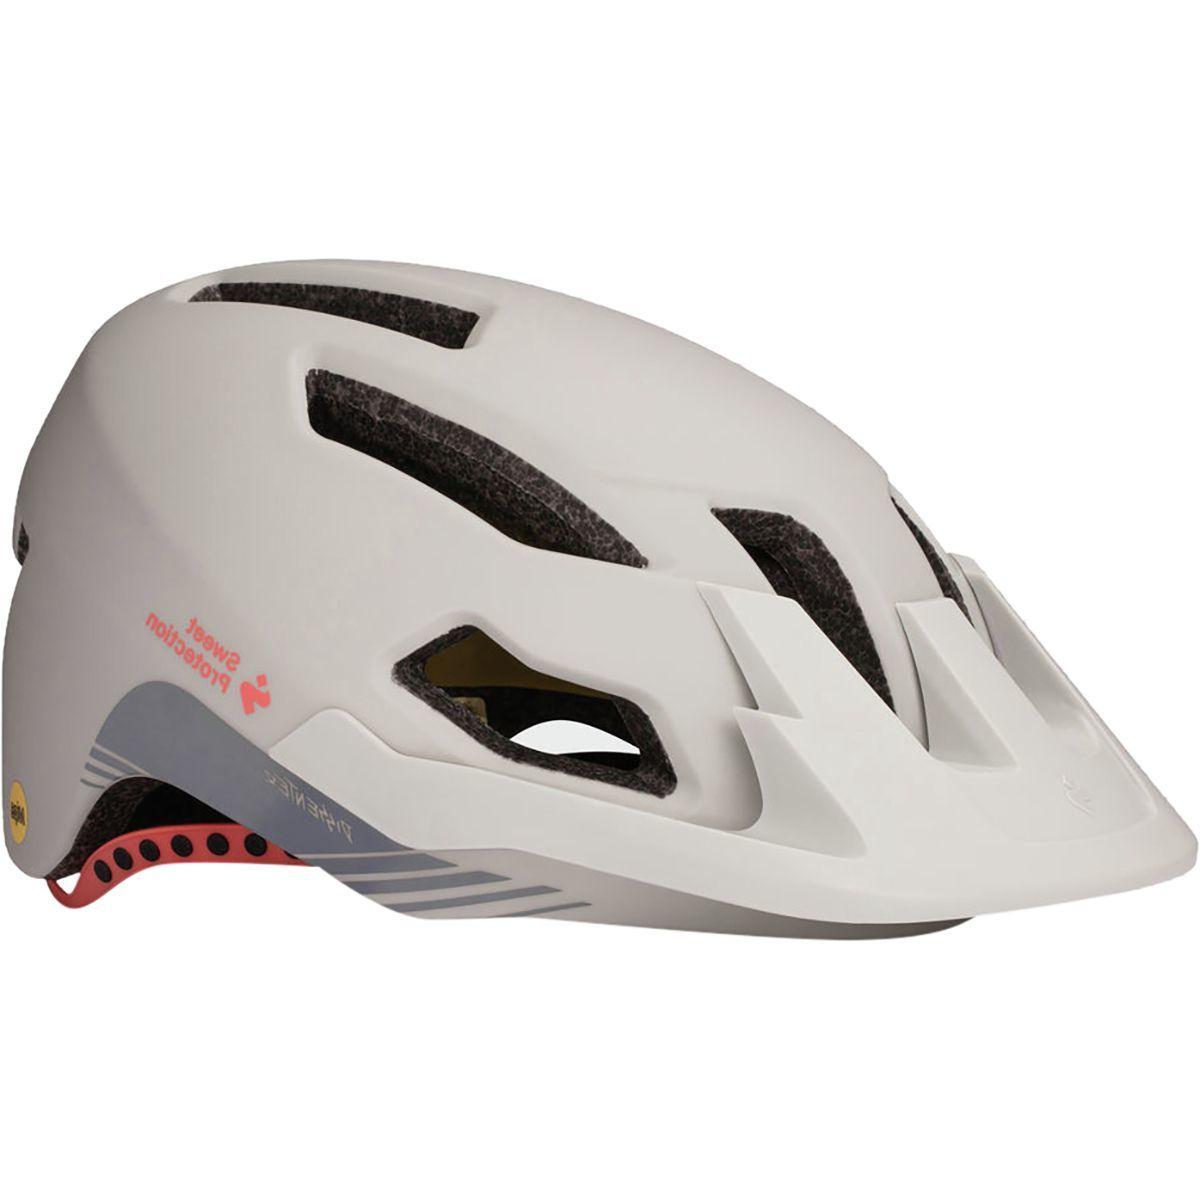 Sweet Protection Dissenter MIPS Helmet - Women's